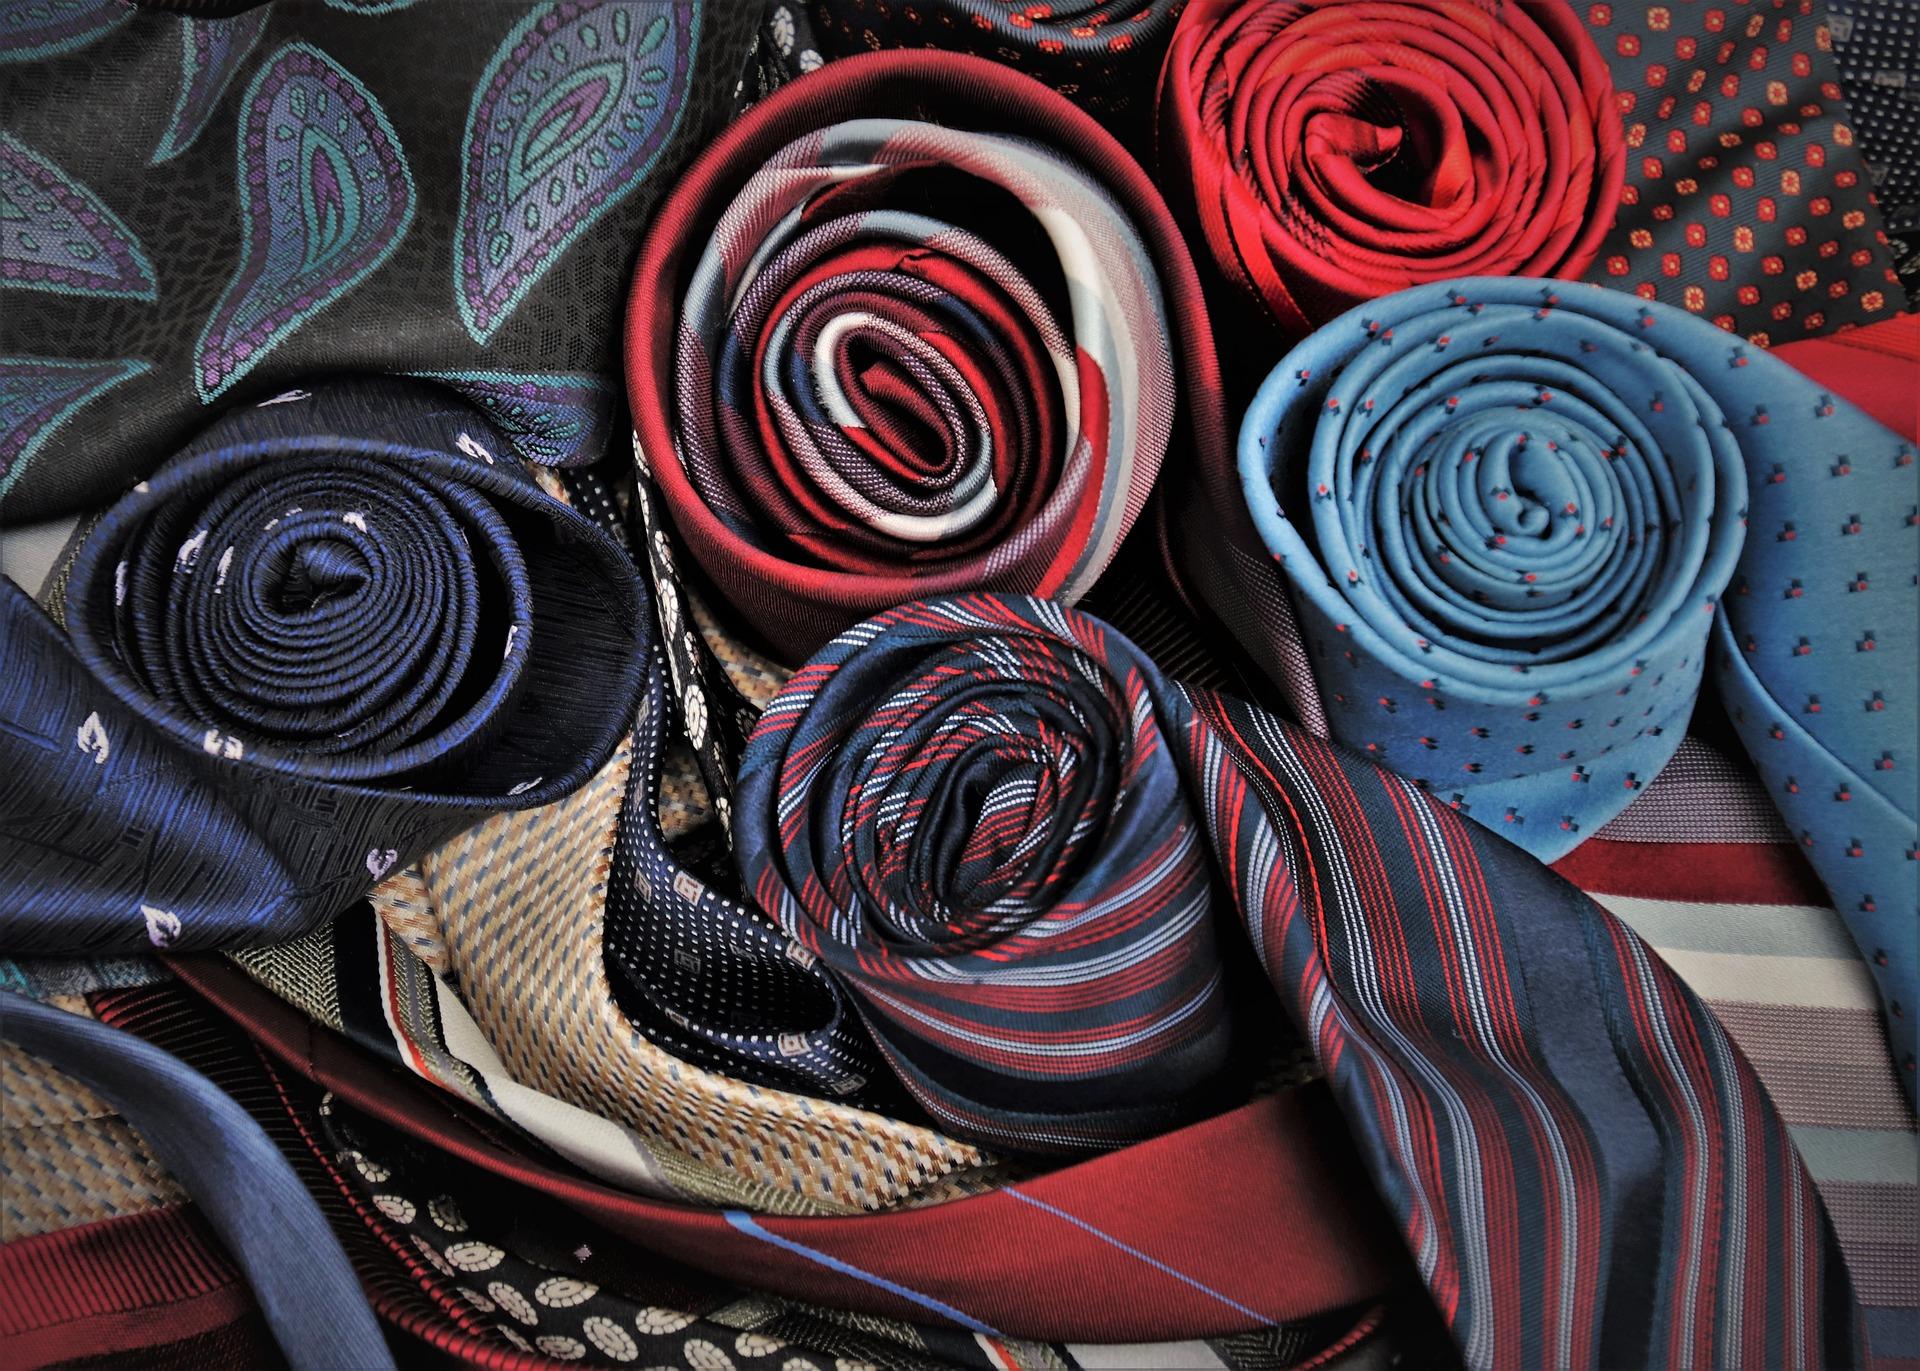 MISE – Sostegno in favore dell'industria del tessile, della moda e degli accessori.